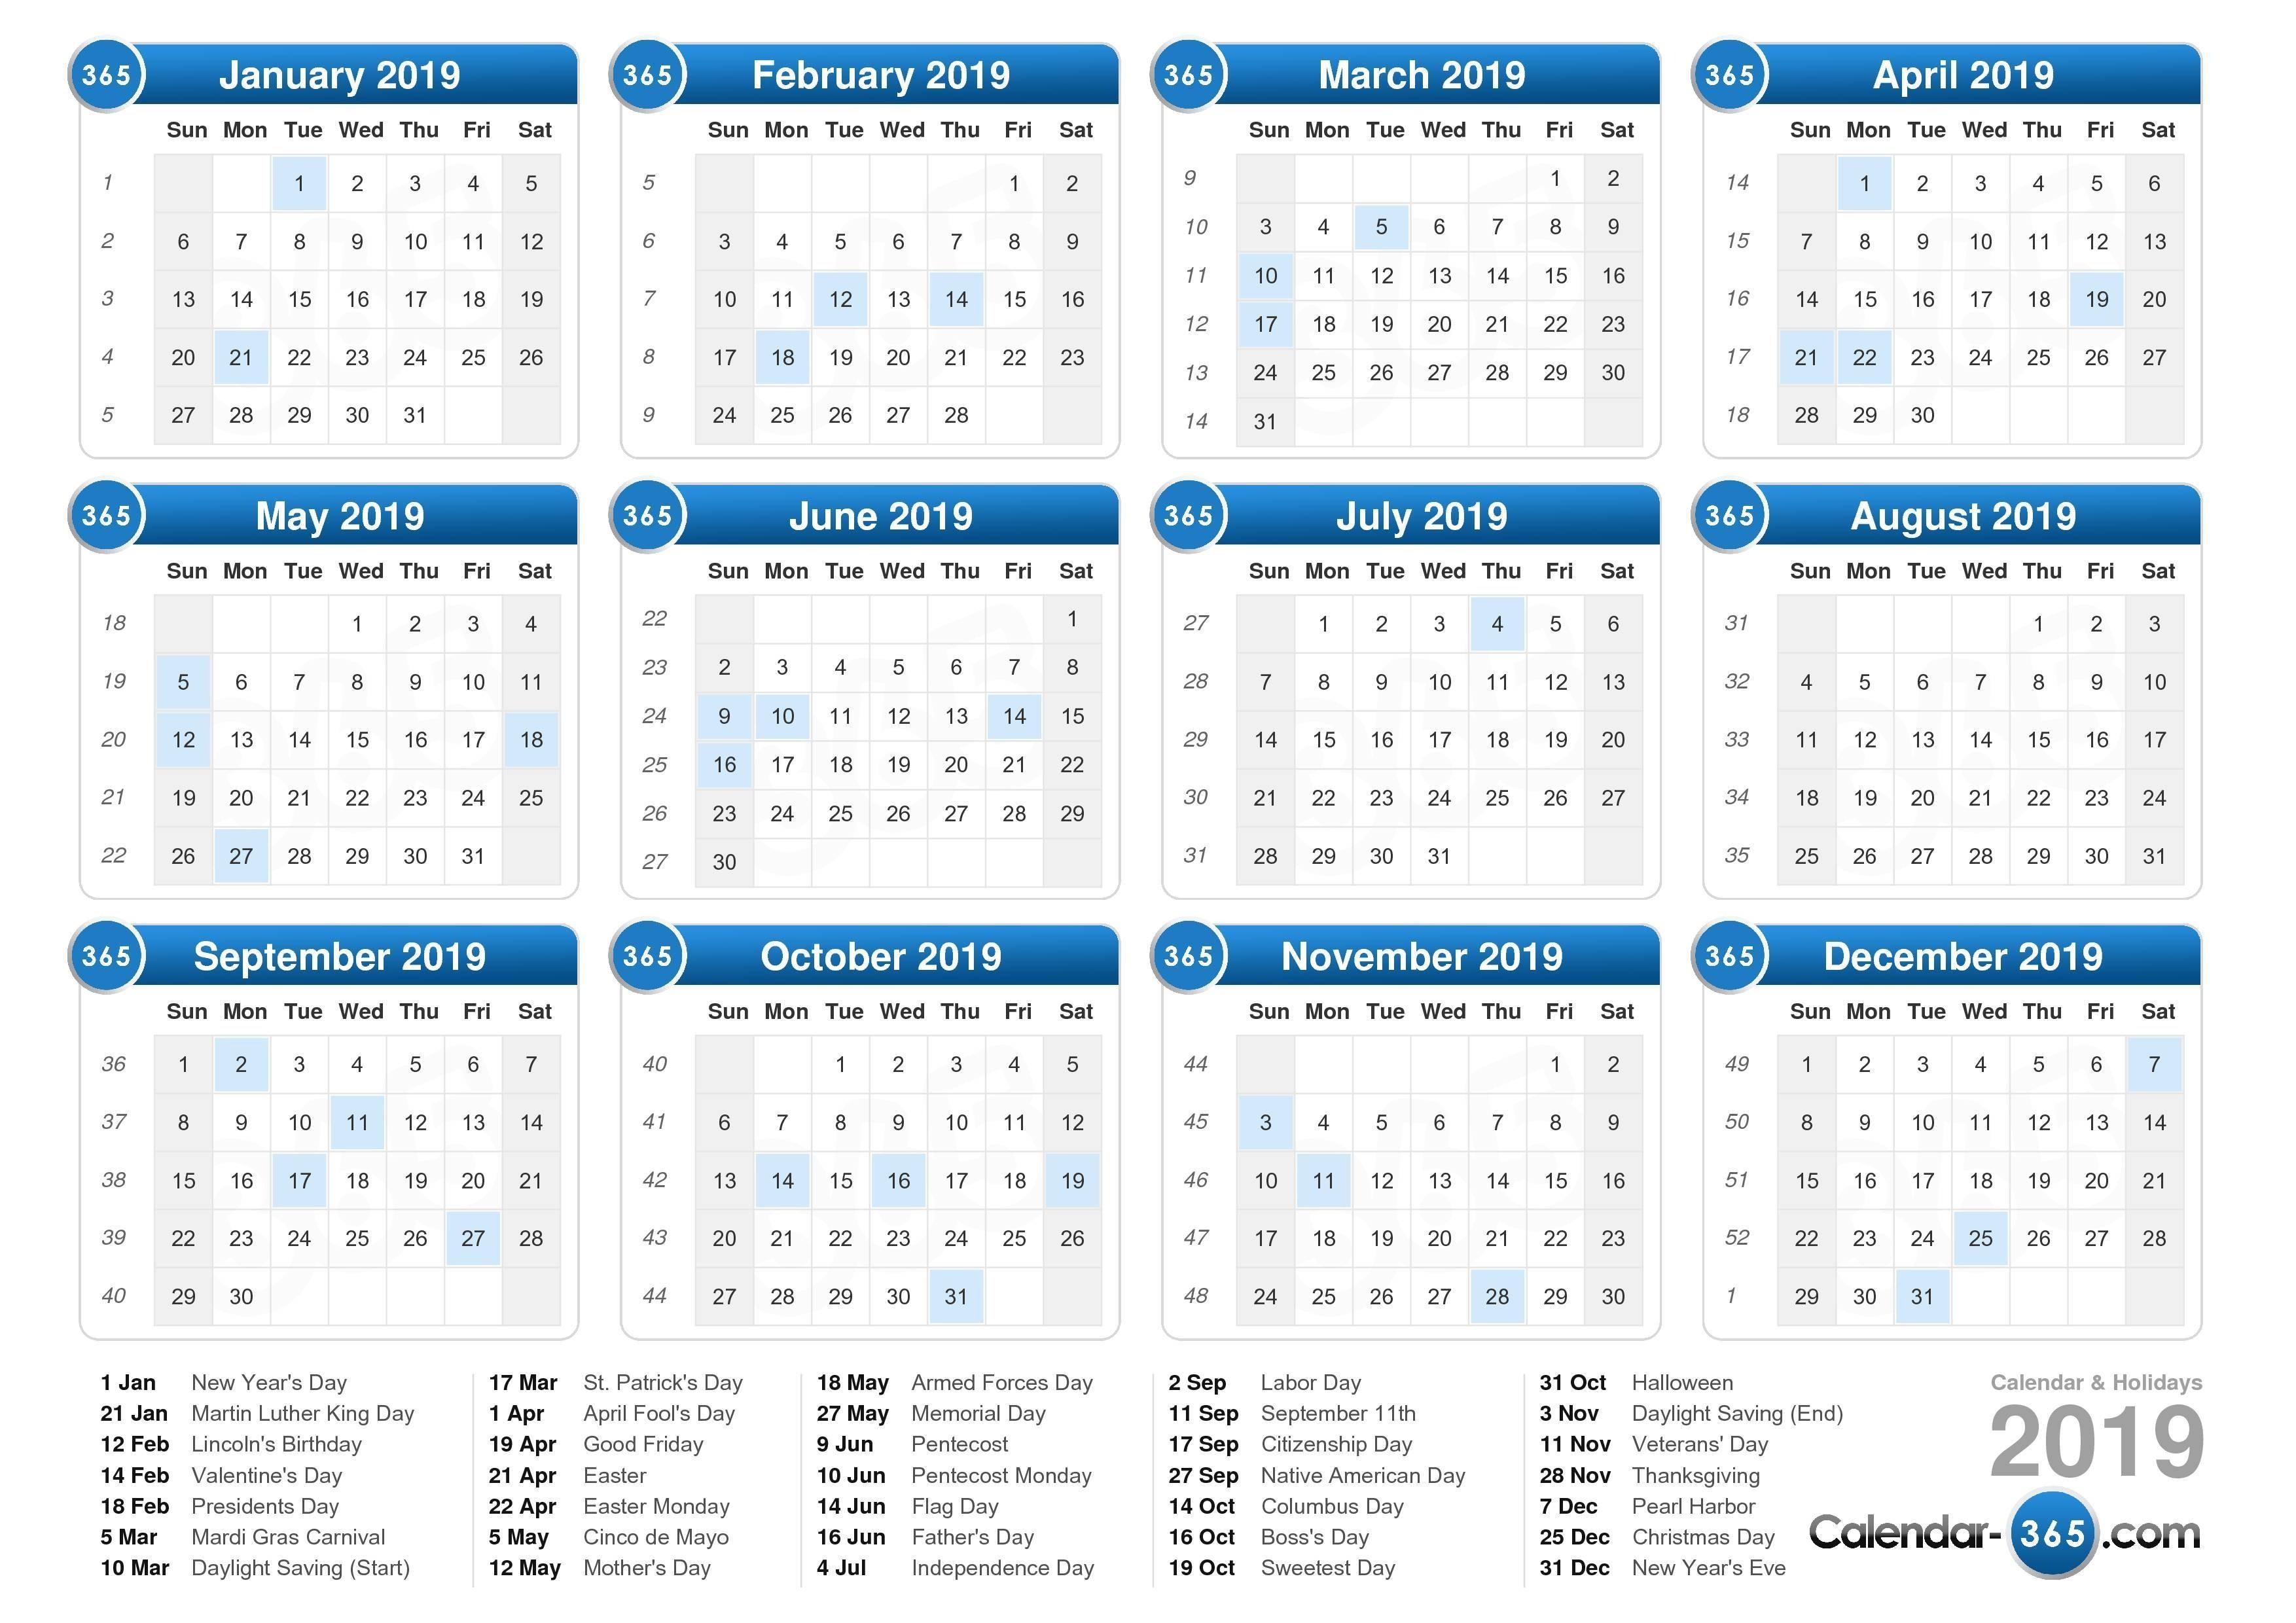 Calendario Moto Gp 2019 Argentina Más Recientes Kostilka Of Calendario Moto Gp 2019 Argentina Más Recientemente Liberado Calendrier Motards Bikers Calendar Motorrijders Kalender